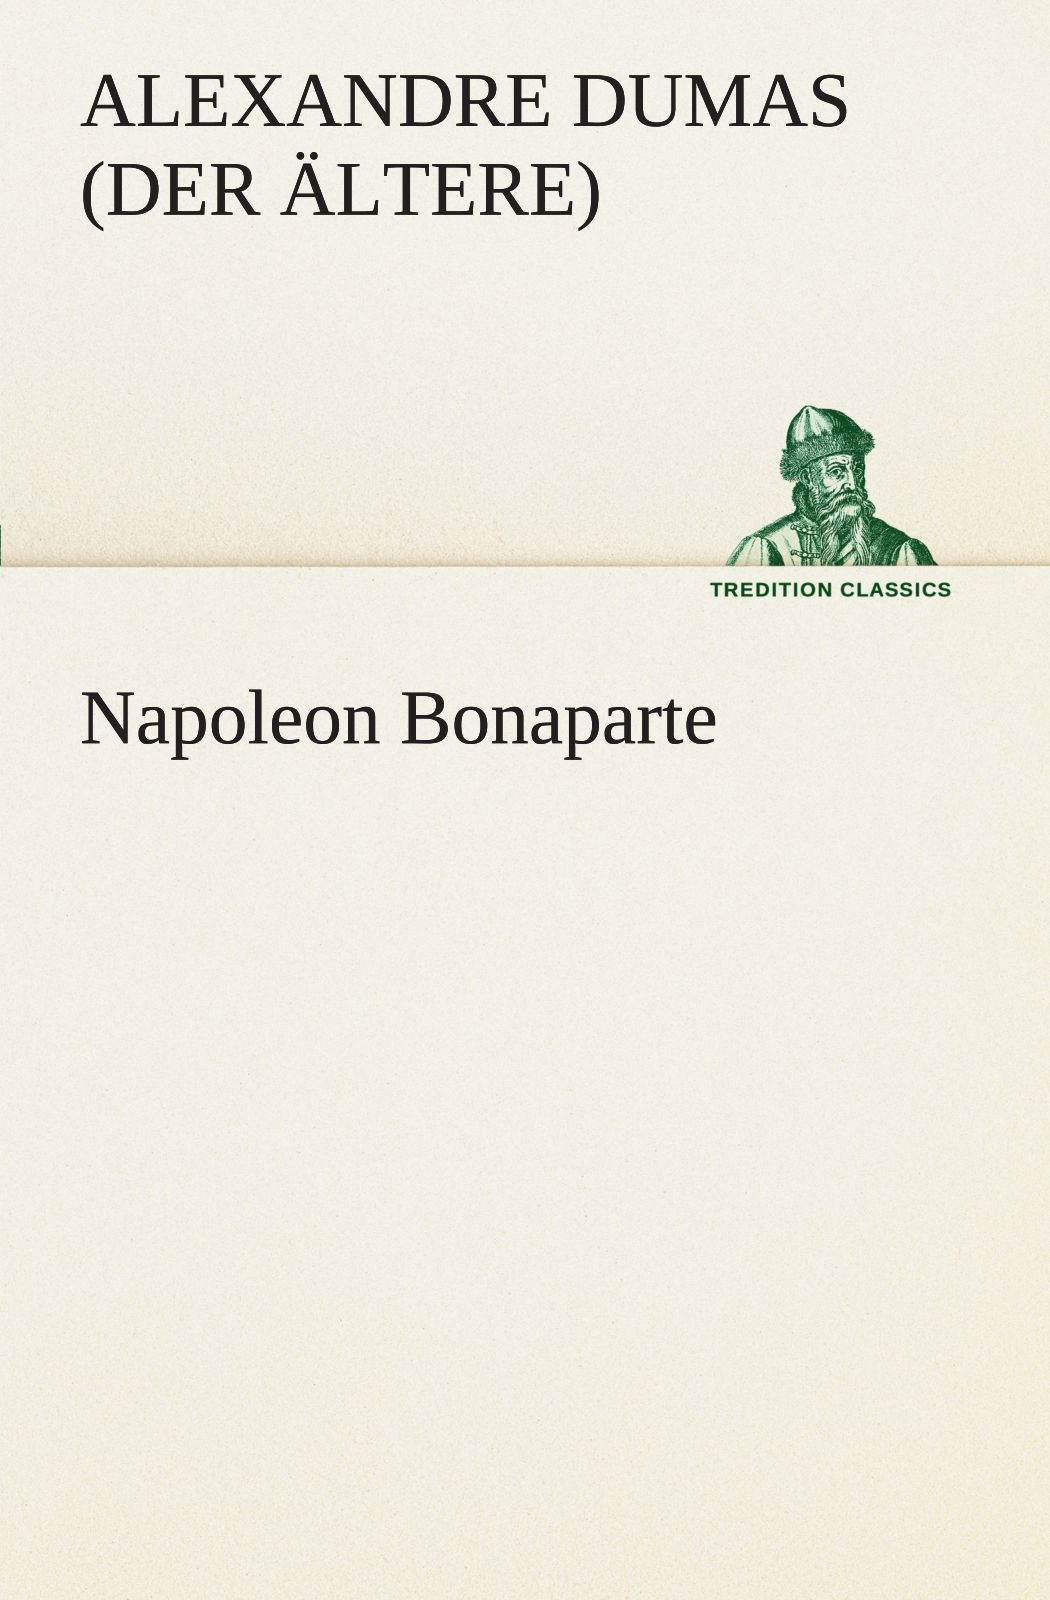 Download Napoleon Bonaparte (TREDITION CLASSICS) (German Edition) ebook